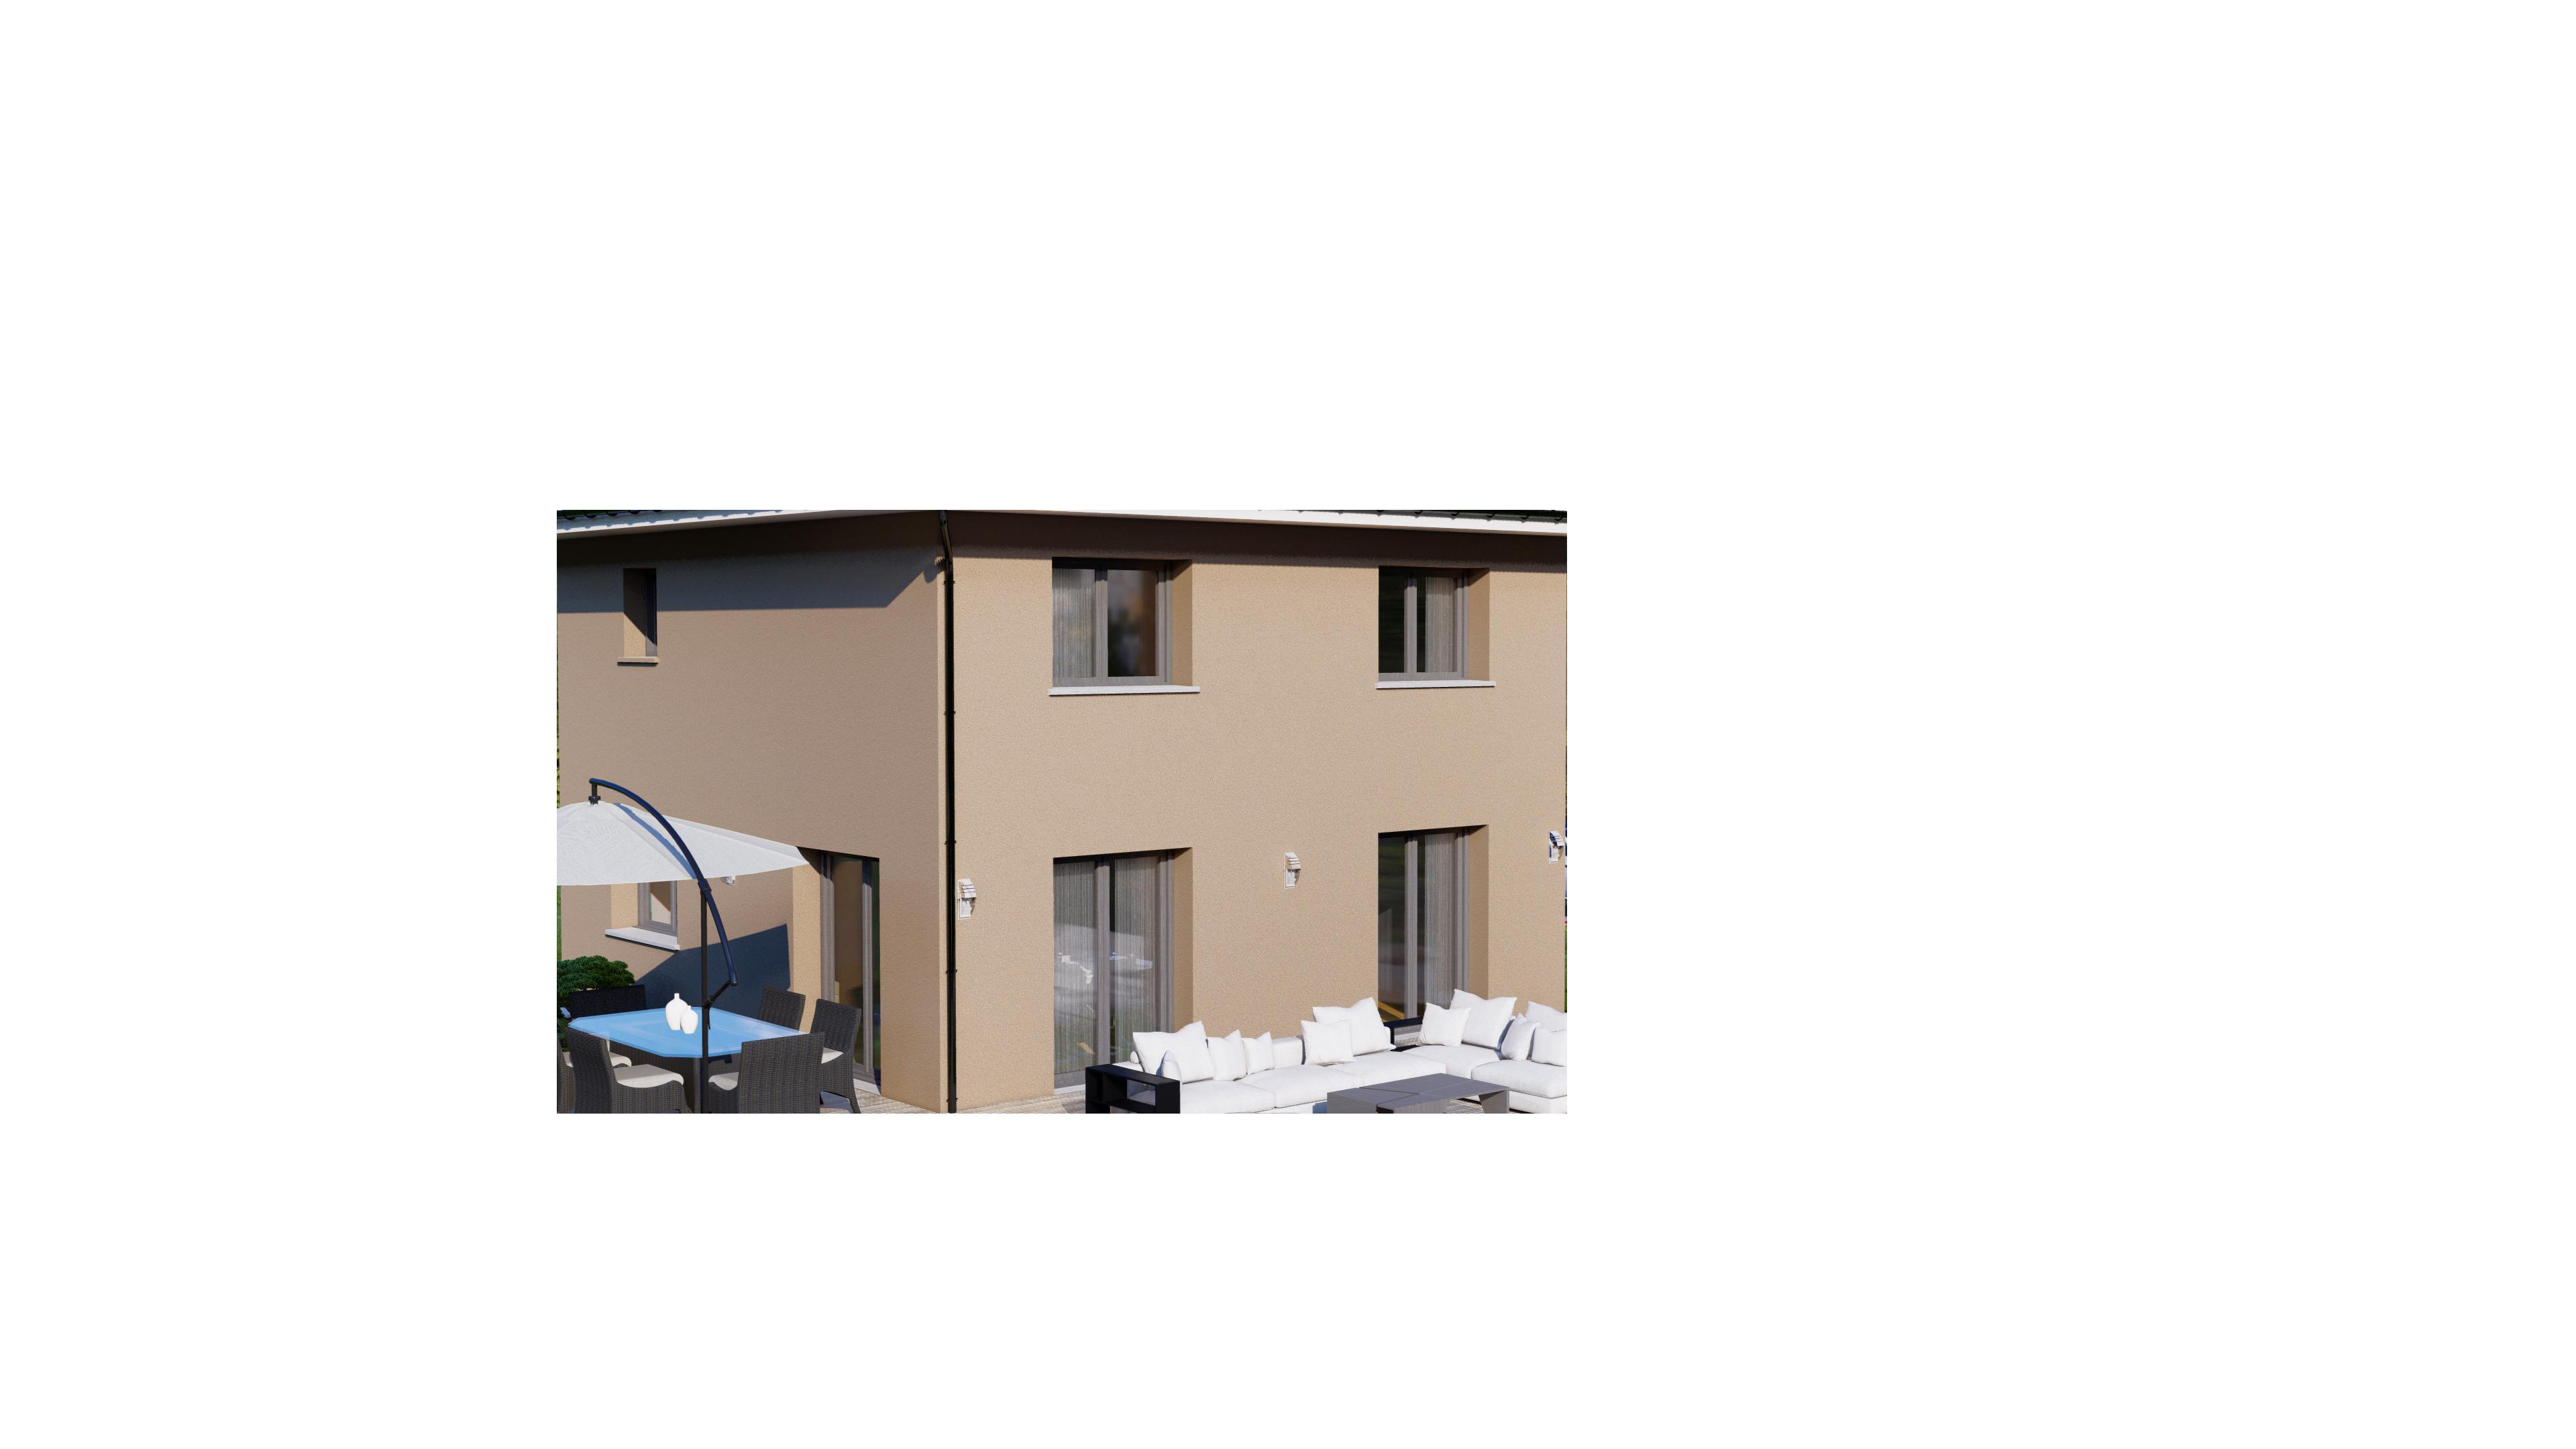 Aperçu de votre maison